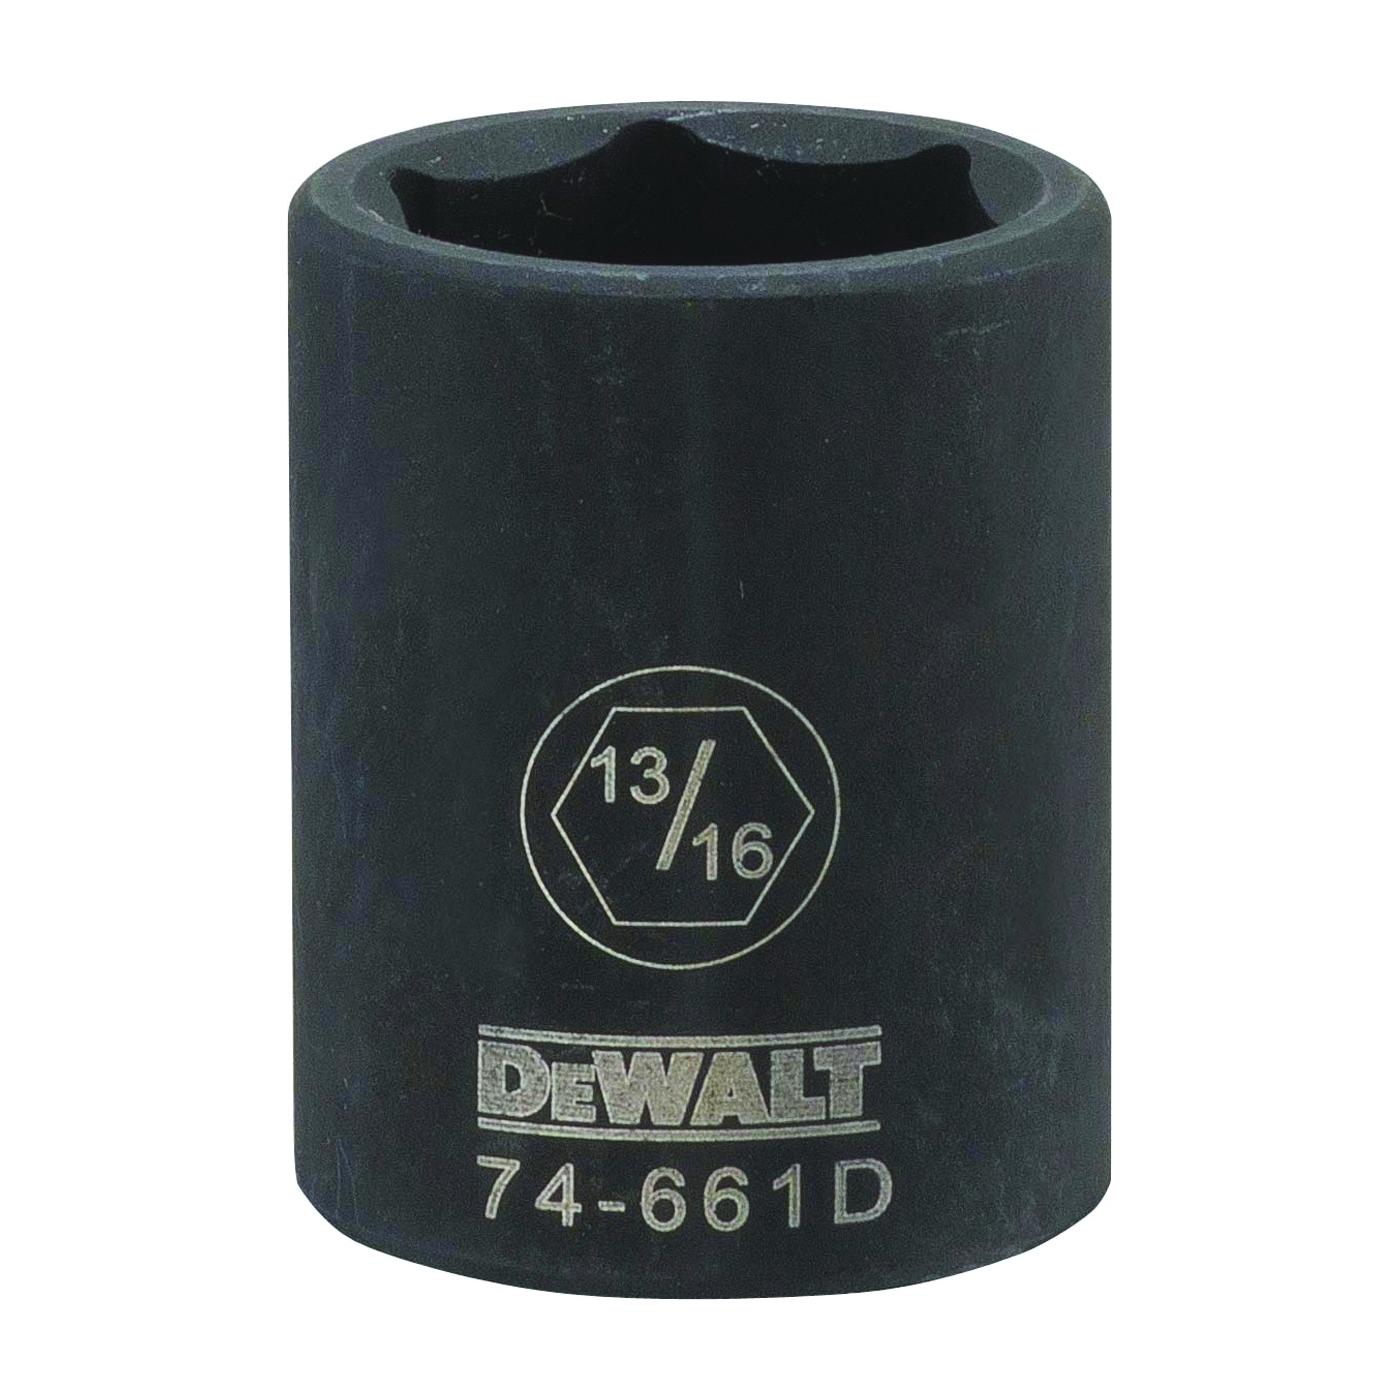 Picture of DeWALT DWMT74661OSP Impact Socket, 13/16 in Socket, 1/2 in Drive, 6 -Point, CR-440 Steel, Black Oxide